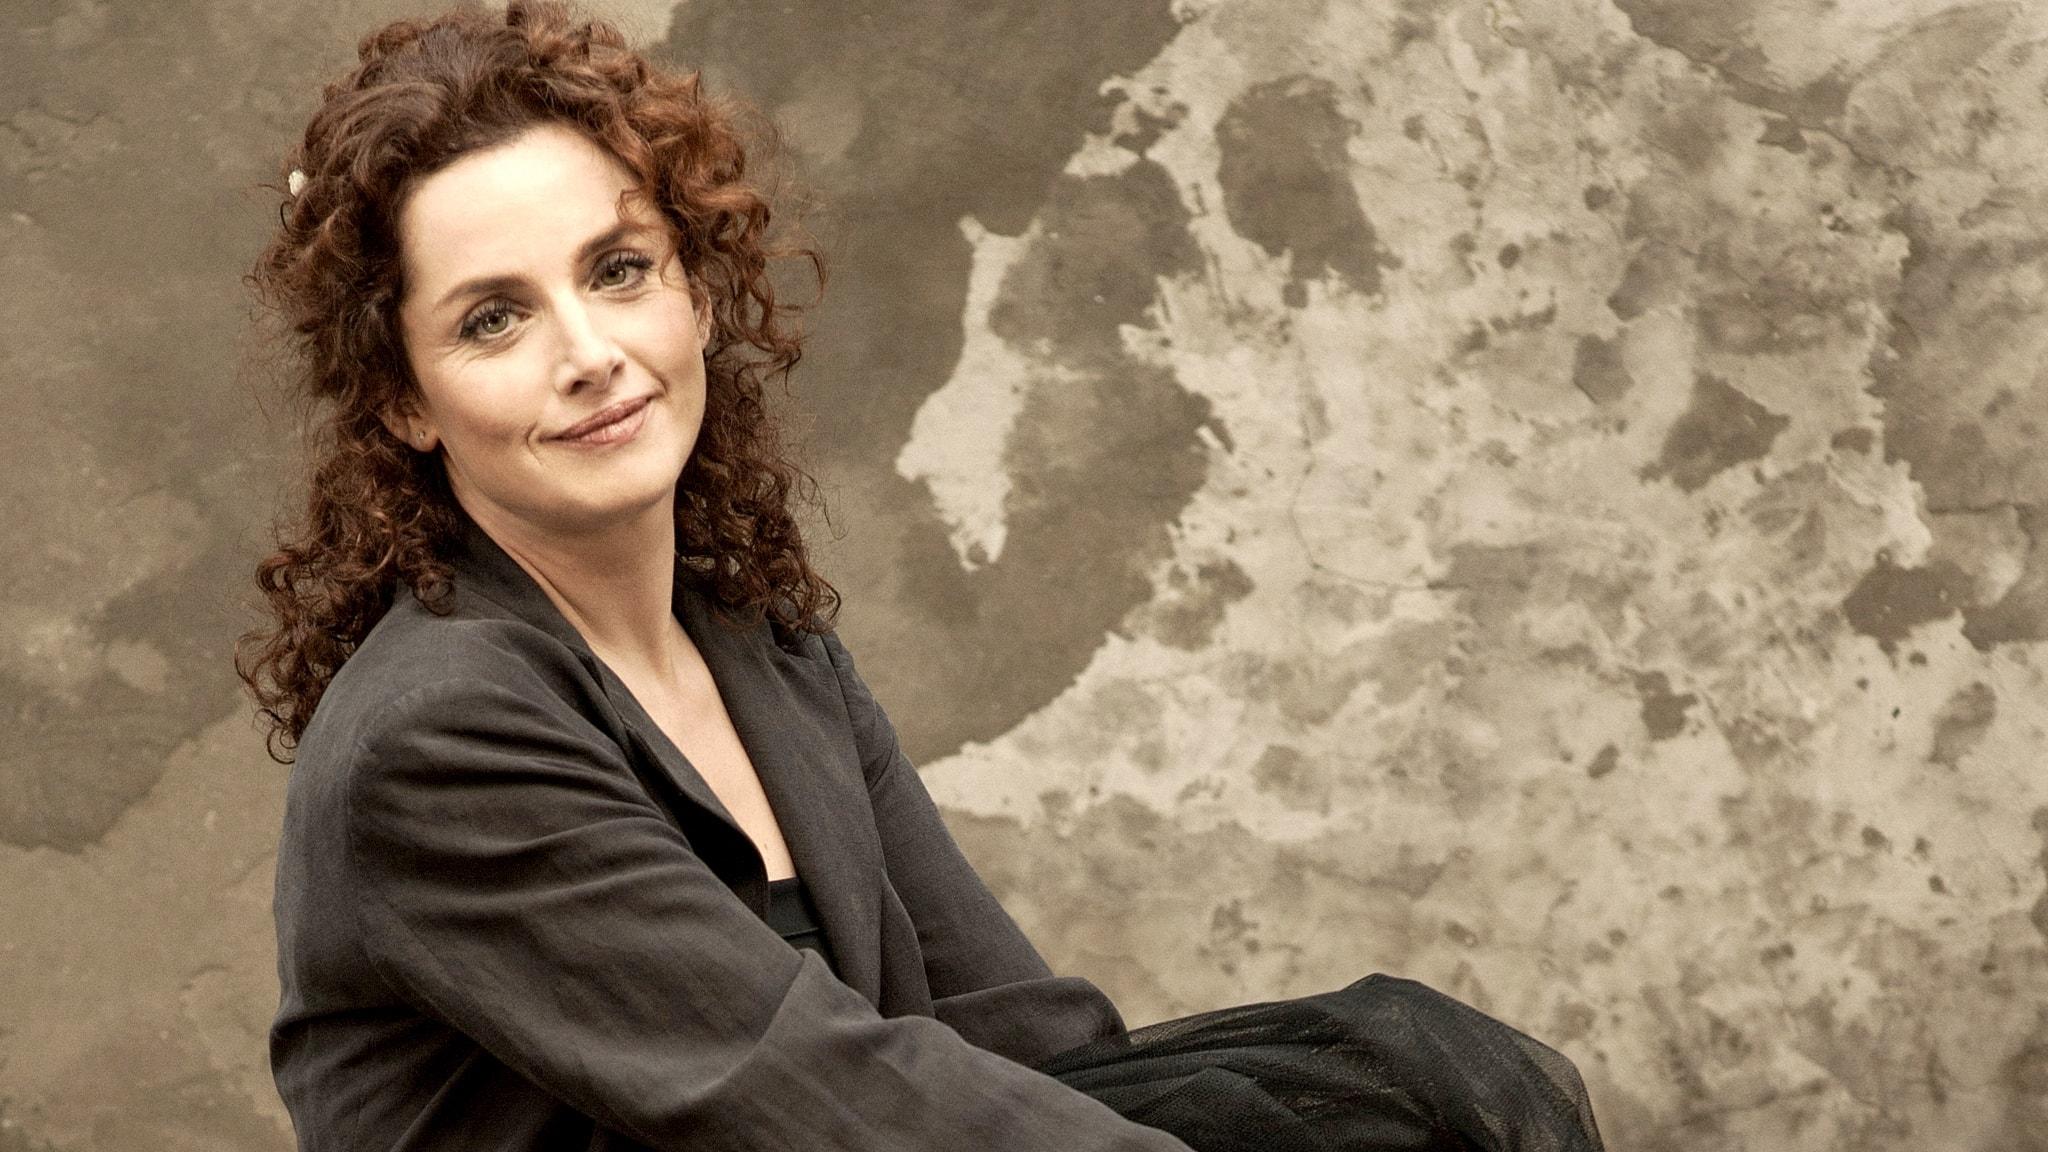 KONSERT: Emmanuelle Haïm dirigerar Händel